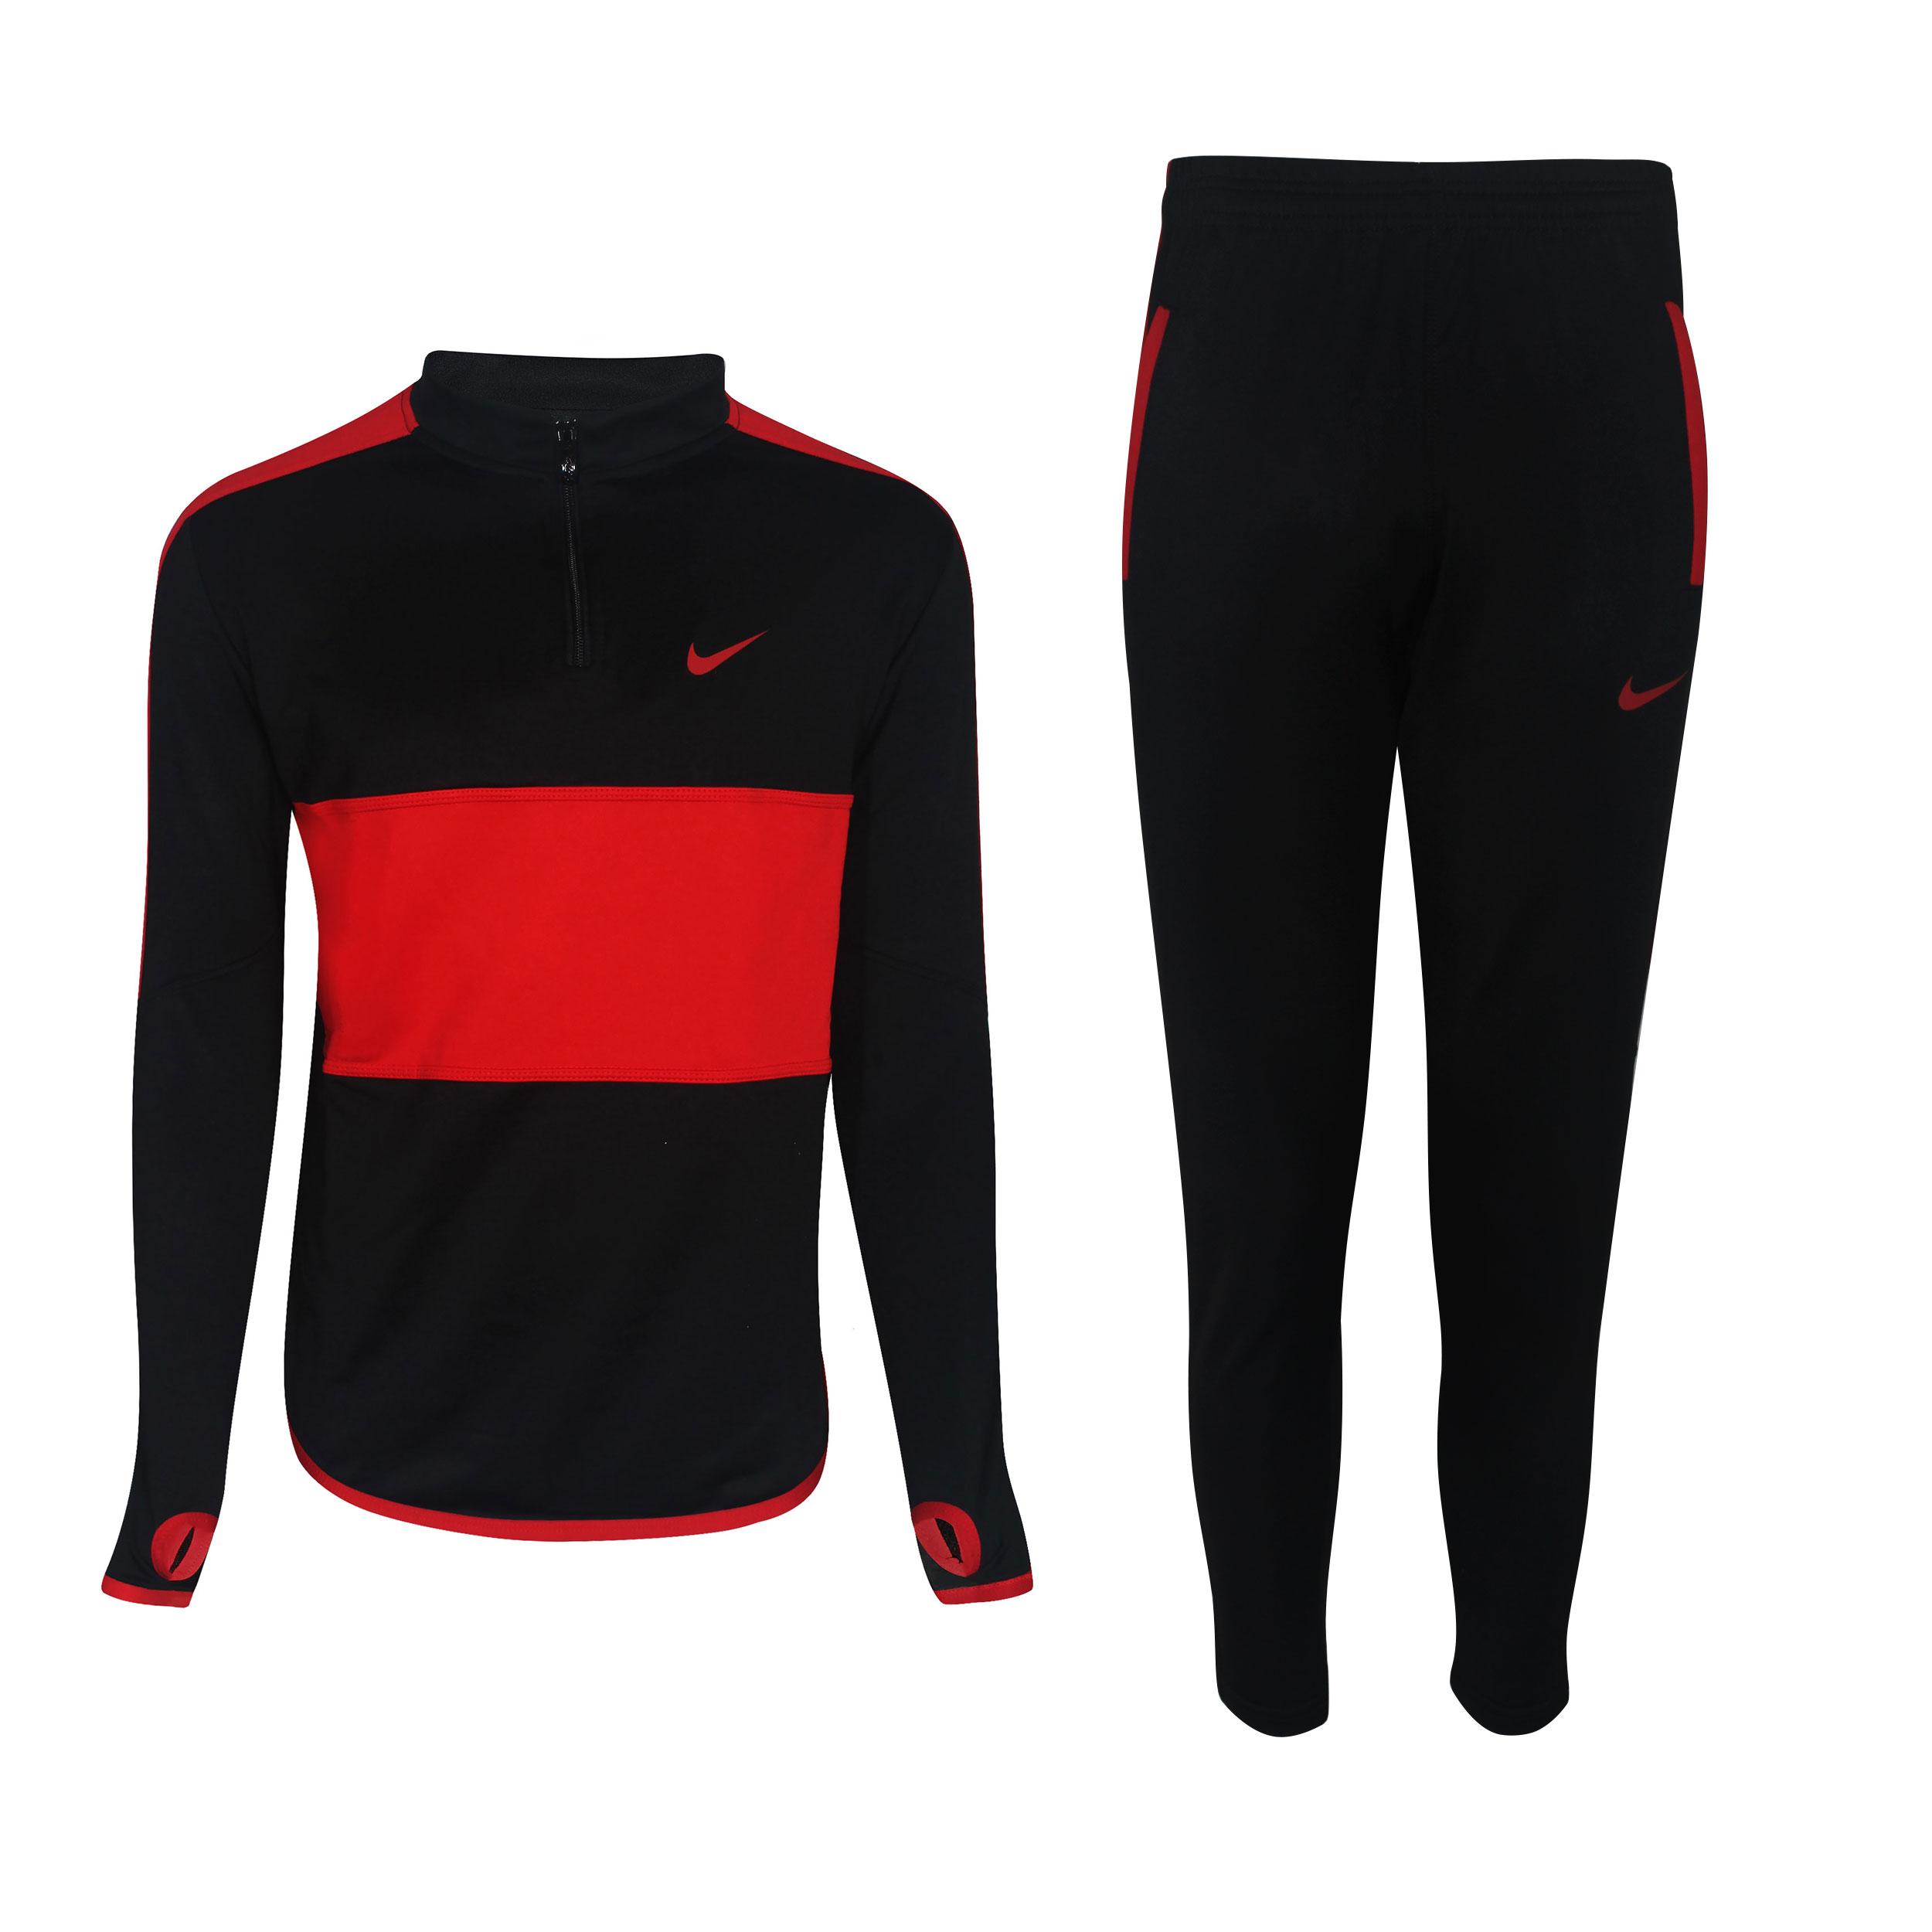 ست سویشرت و شلوار ورزشی مردانه کد NI0134br